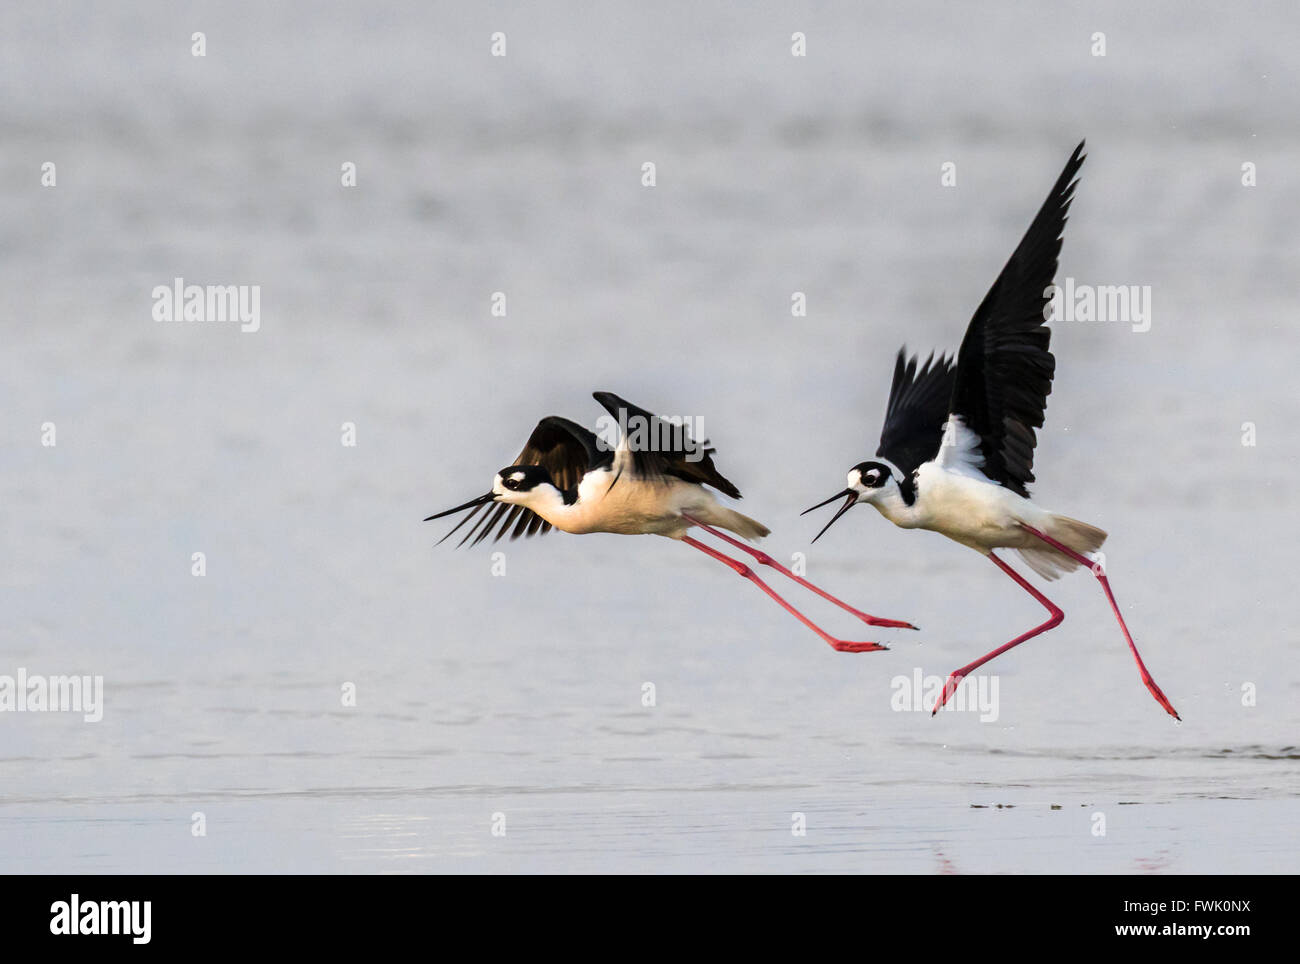 'Échasses d'Amérique (Himantopus mexicanus) la chasse et la lutte, Galveston, Texas, États-Unis. Banque D'Images